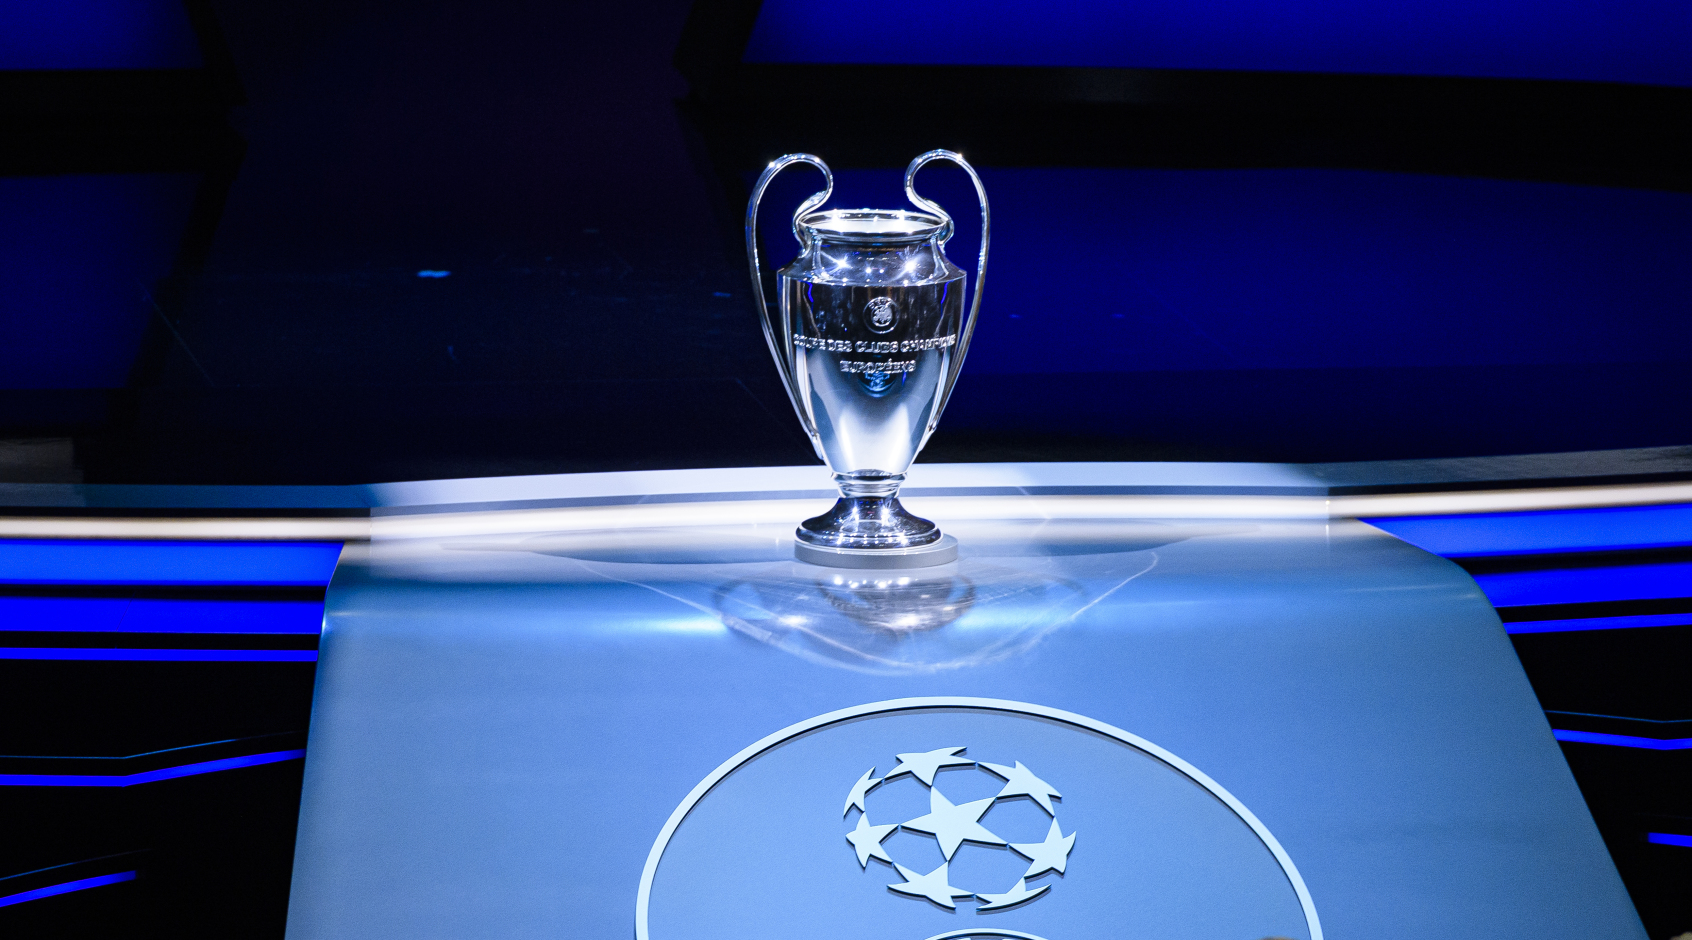 Определились пары 1/2 финала Лиги чемпионов